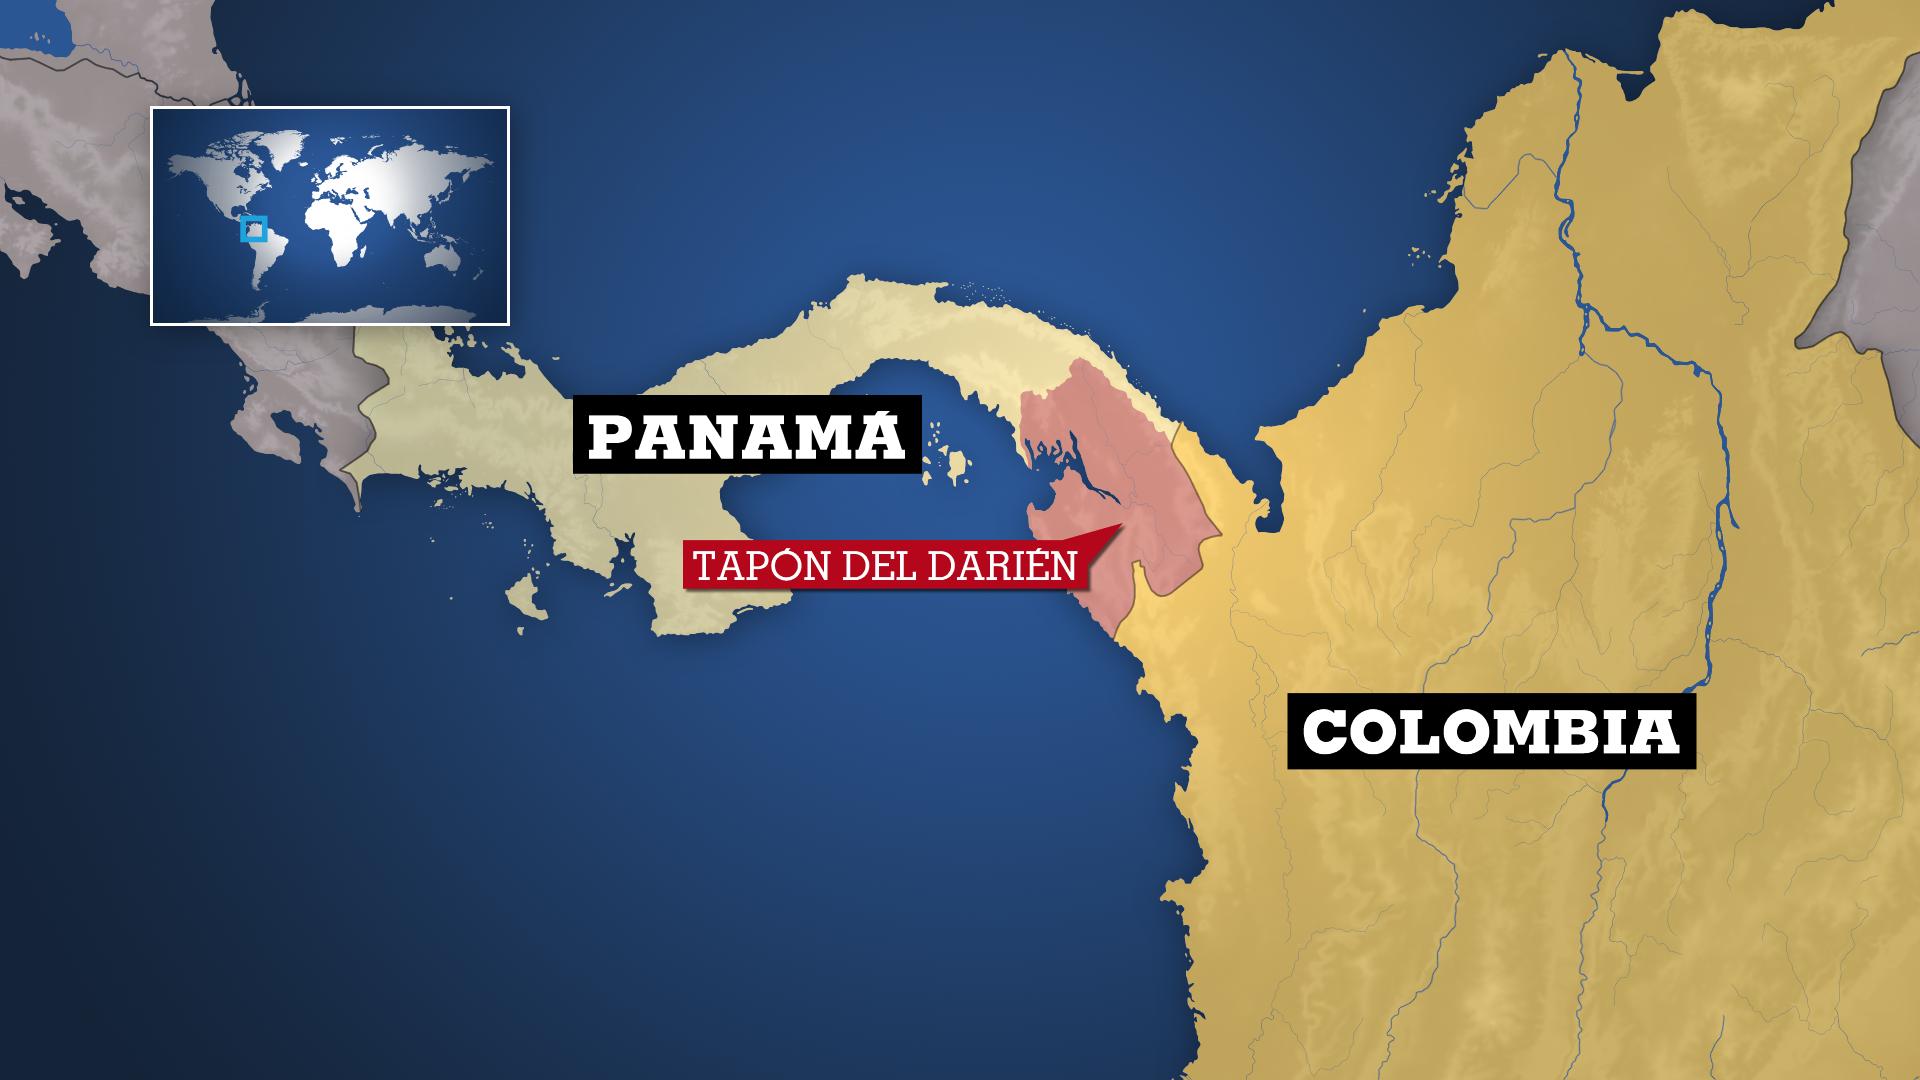 Unicef informó que en 2019 que unas 24.000 personas de más de 50 nacionalidades cruzaron el tapón del Darién, un cruce fronterizo entre Colombia y Panamá.